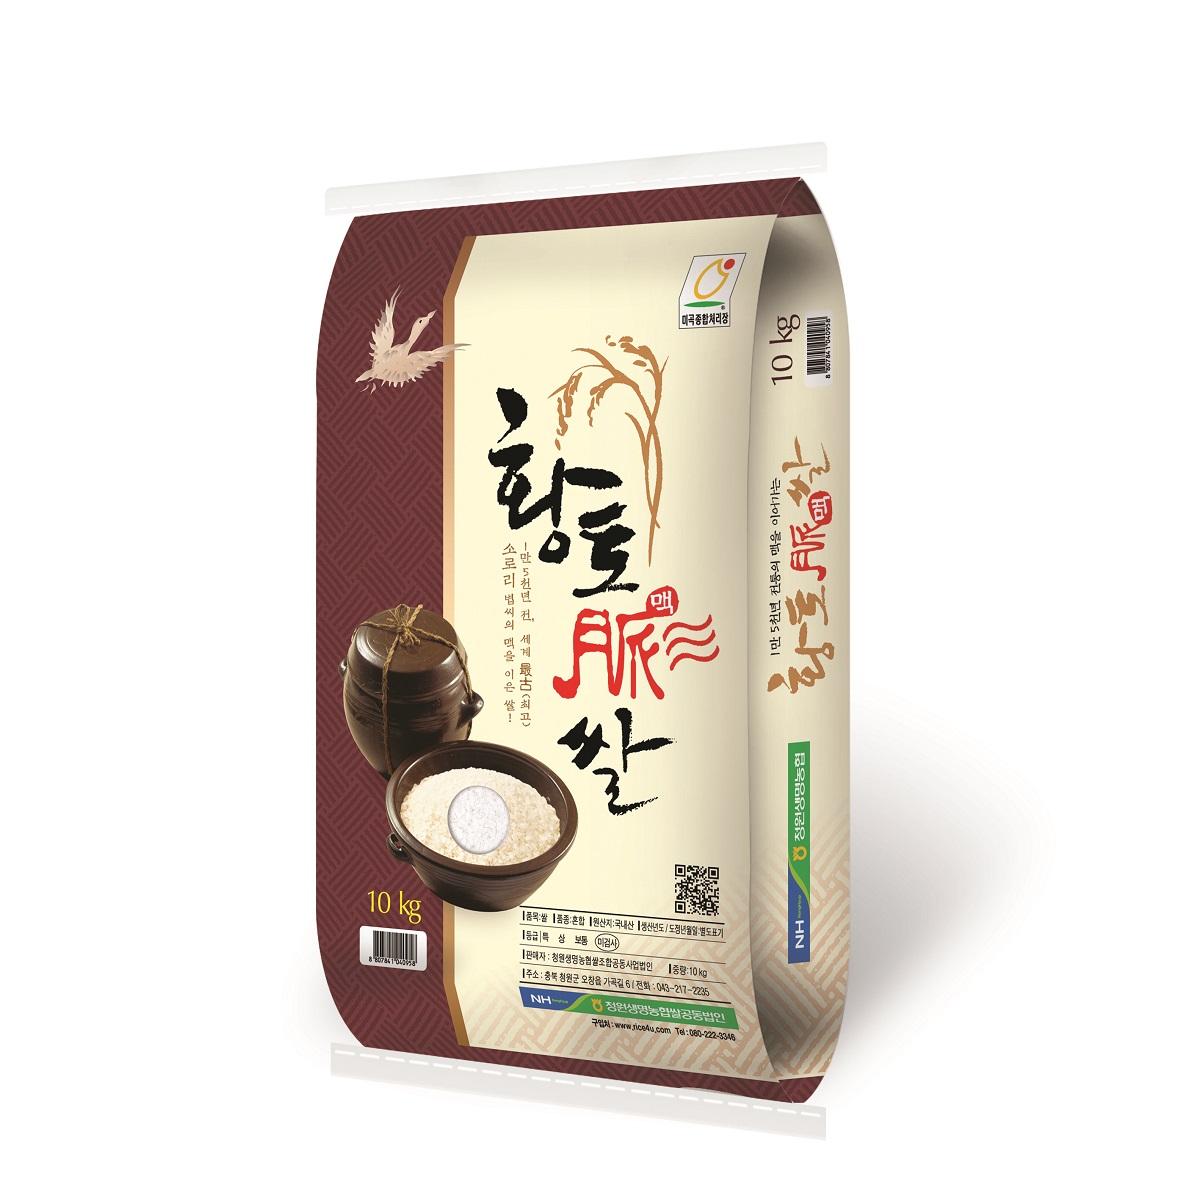 농협 2020년 햅쌀 청원 생명 황토 맥 쌀, 10kg, 1개